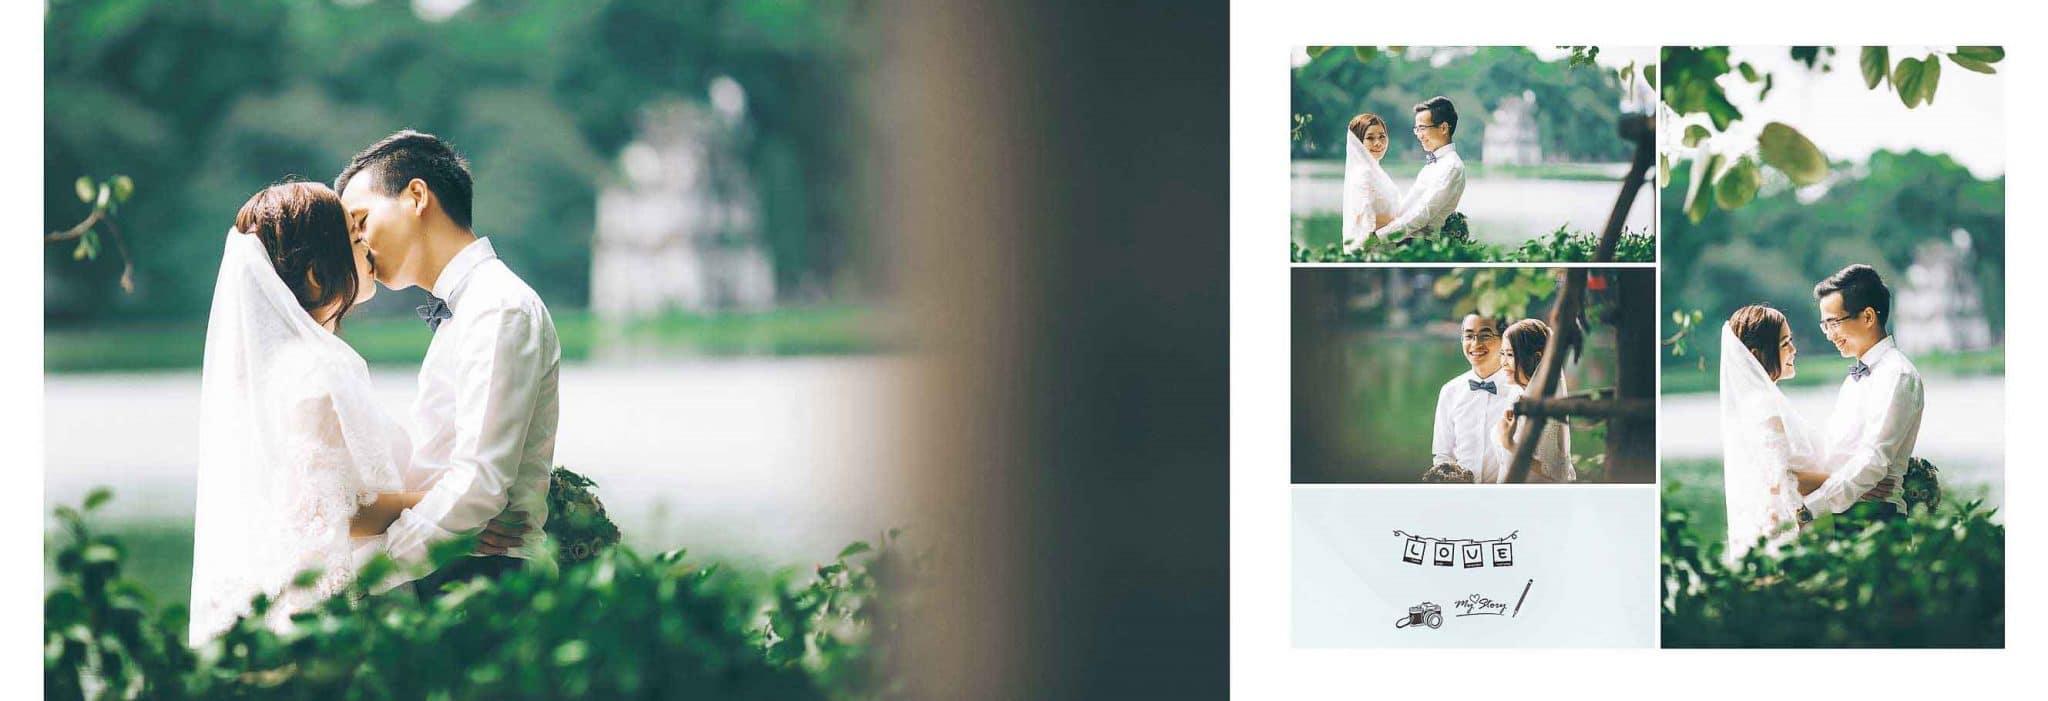 Bờ hồ Hoàn Kiếm là lựa chọn tuyệt vời cho những cặp đôi